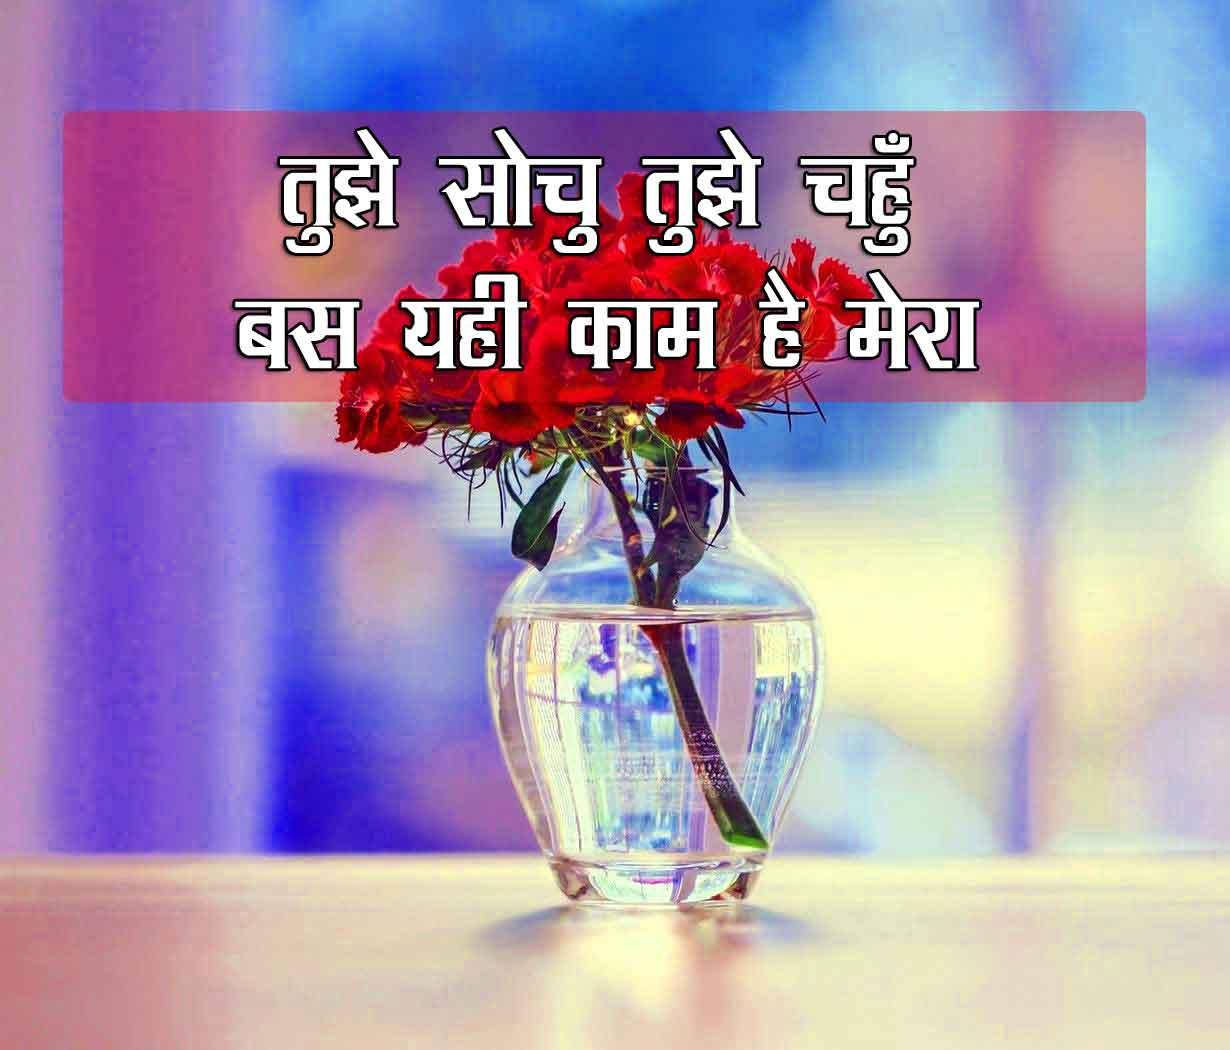 Love Shayari Images HD 2021 29